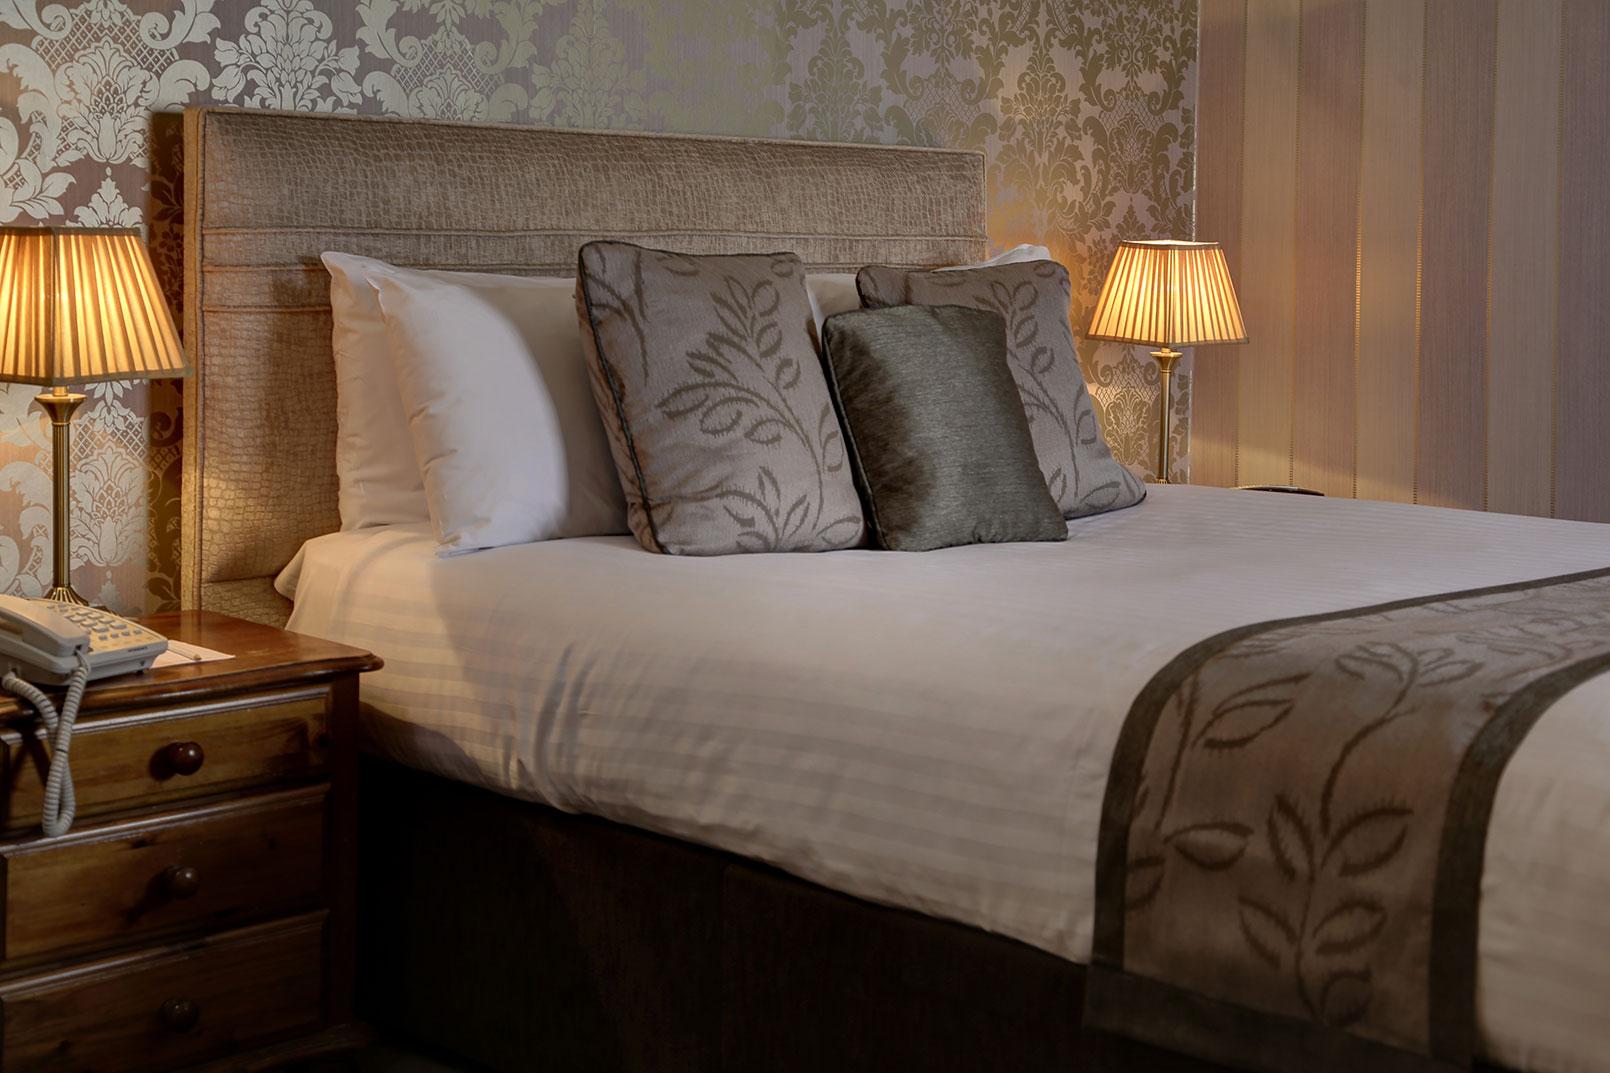 Spa Hotels In Kings Lynn